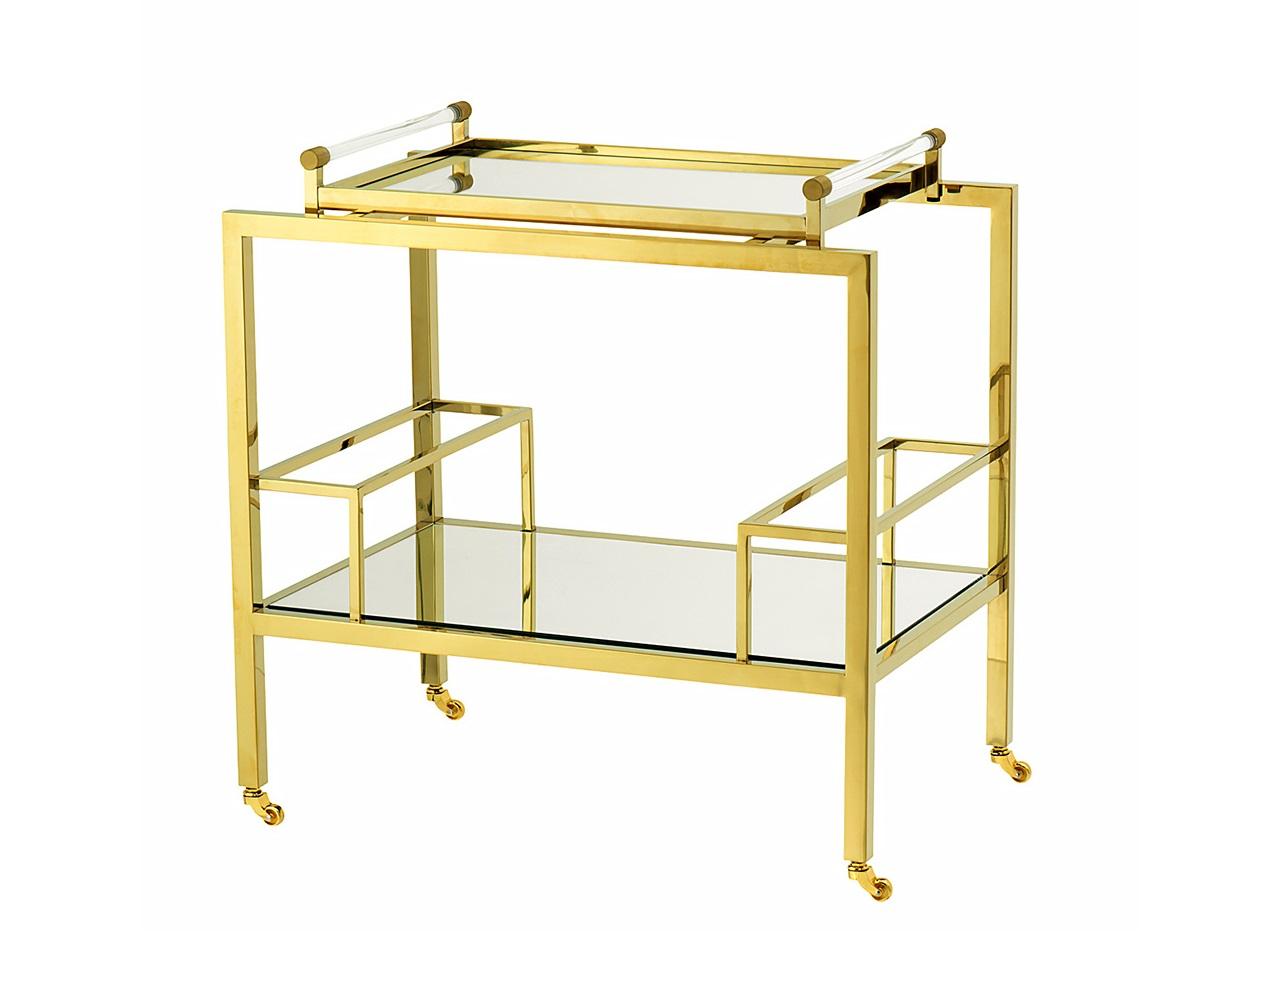 СтолСервировочные столики<br>Сервировочный столик Trolley Majestic на колесиках выполнен из металла золотого цвета. Столешница и полка выполнены из плотного зеркального стекла.<br><br>Material: Металл<br>Width см: 72<br>Depth см: 47<br>Height см: 72